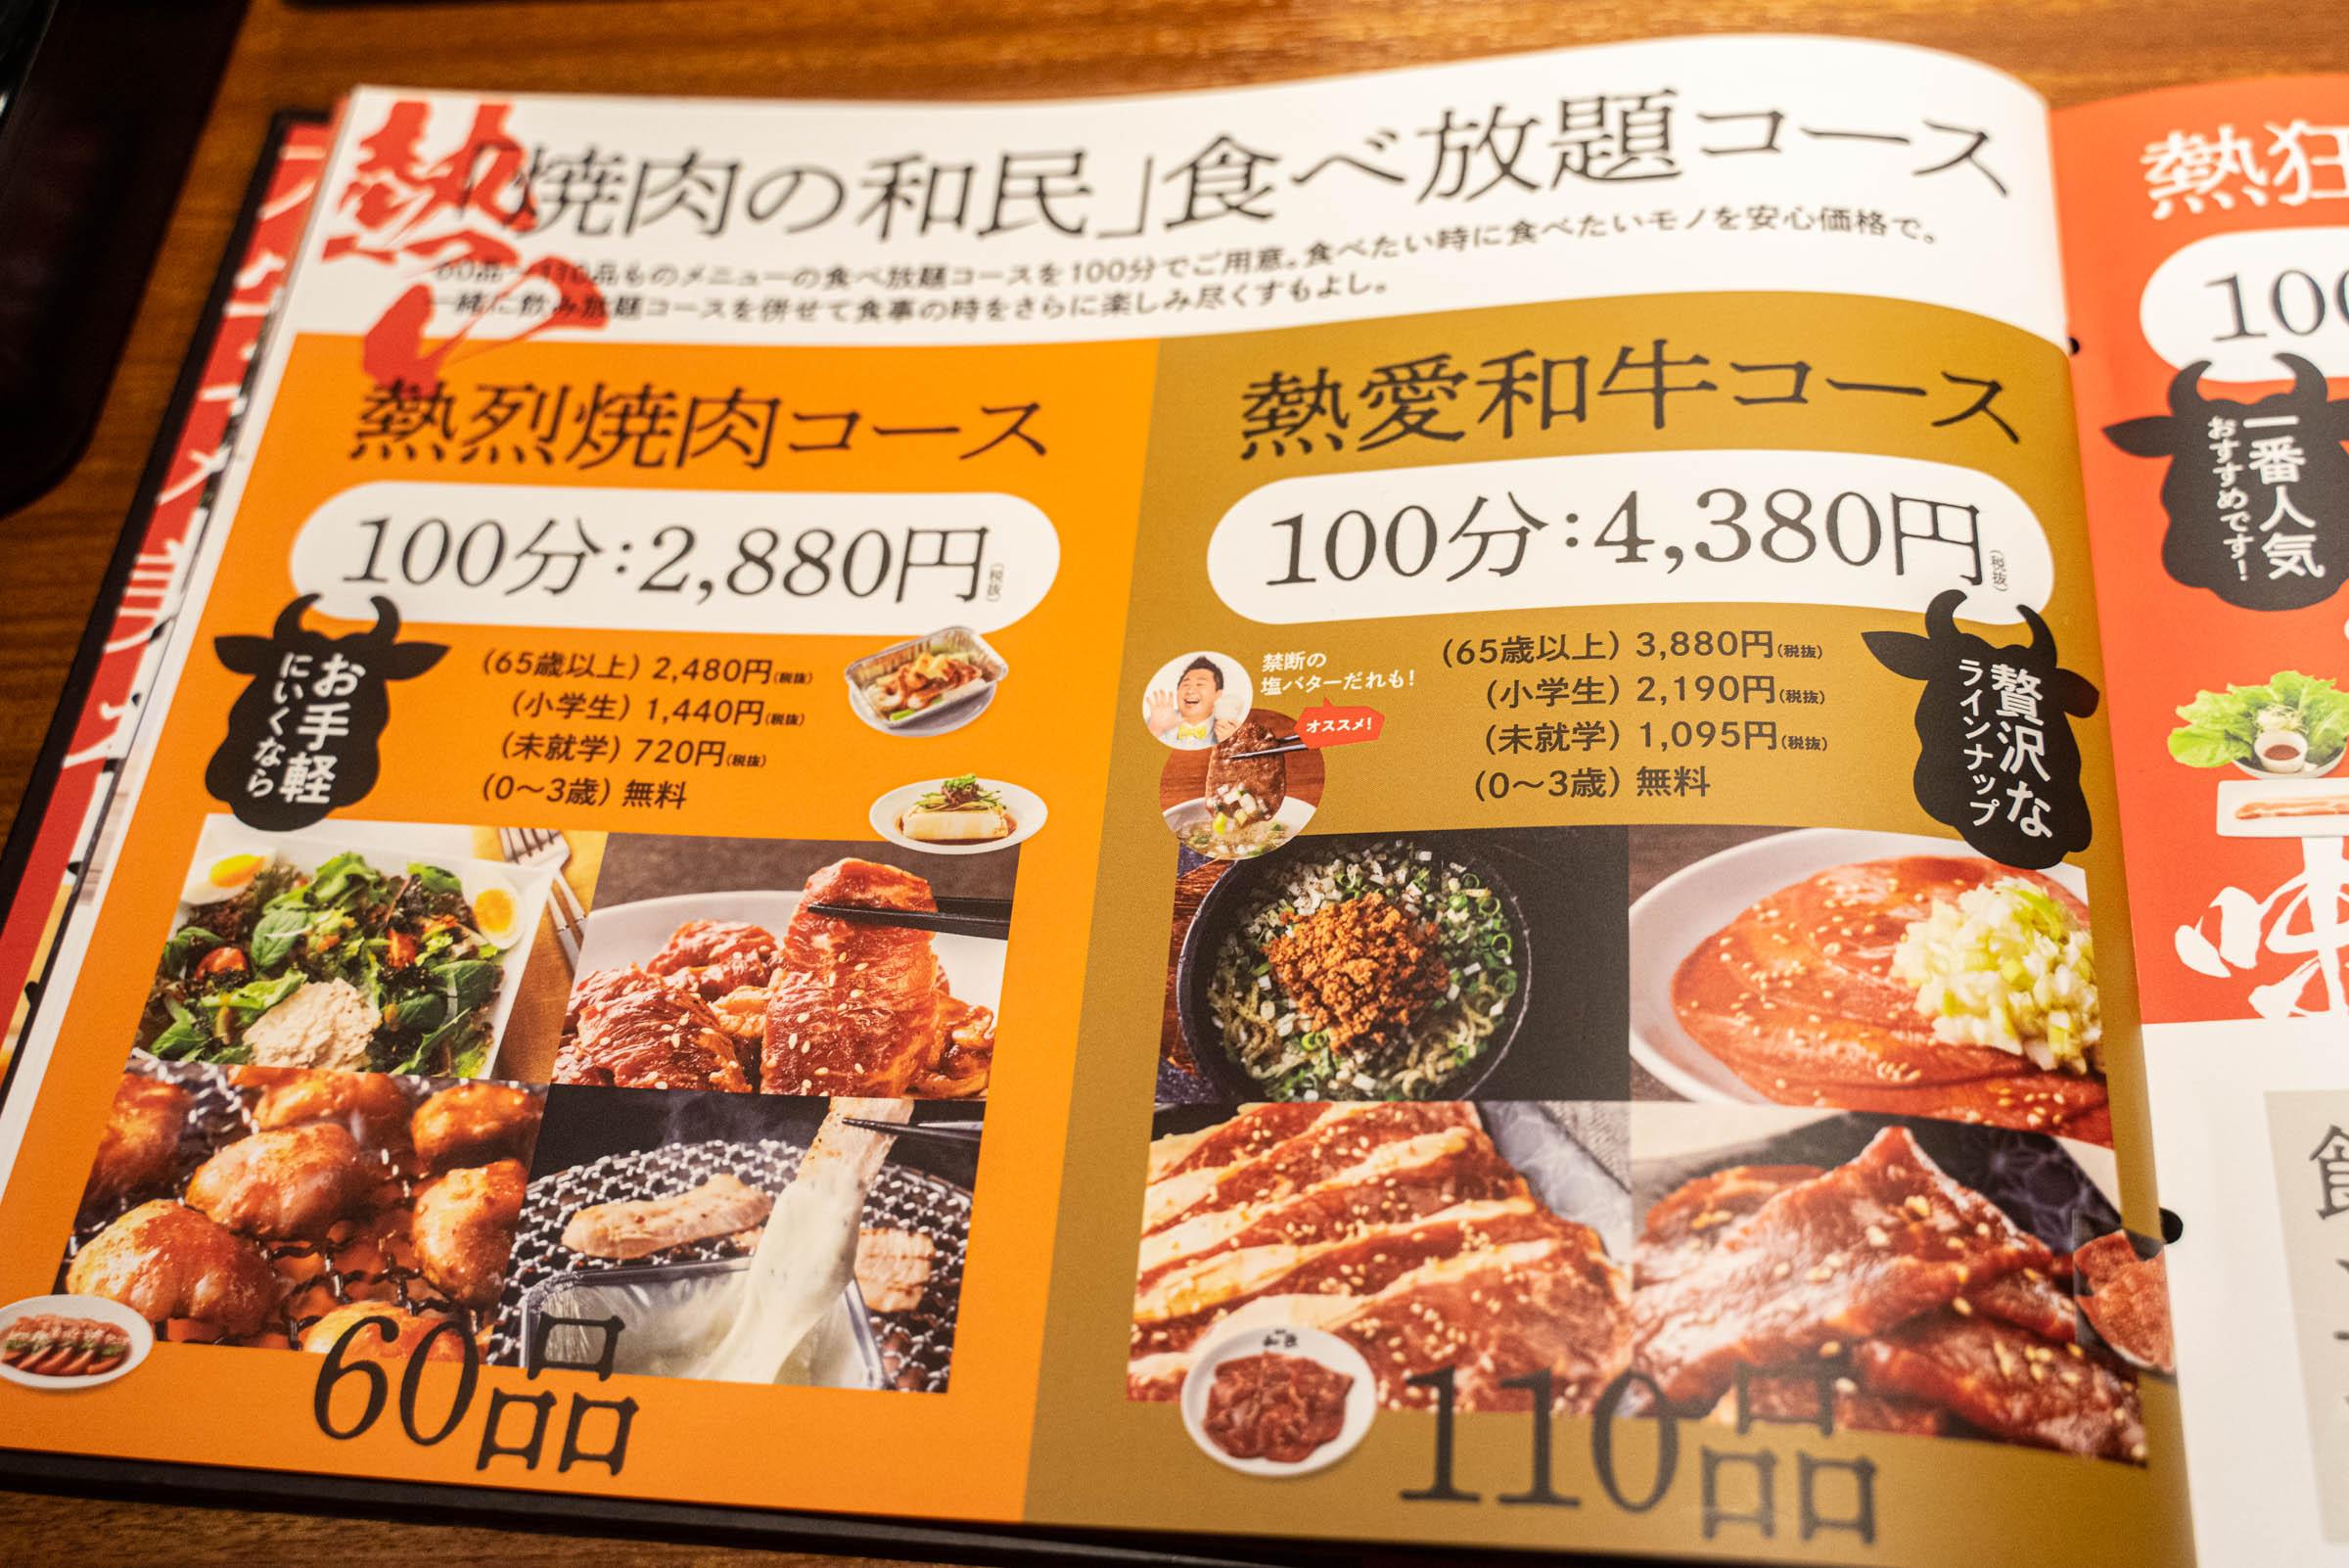 ワタミ 店舗 焼肉 居酒屋を「焼肉の和民」に転換、関西で店舗拡大